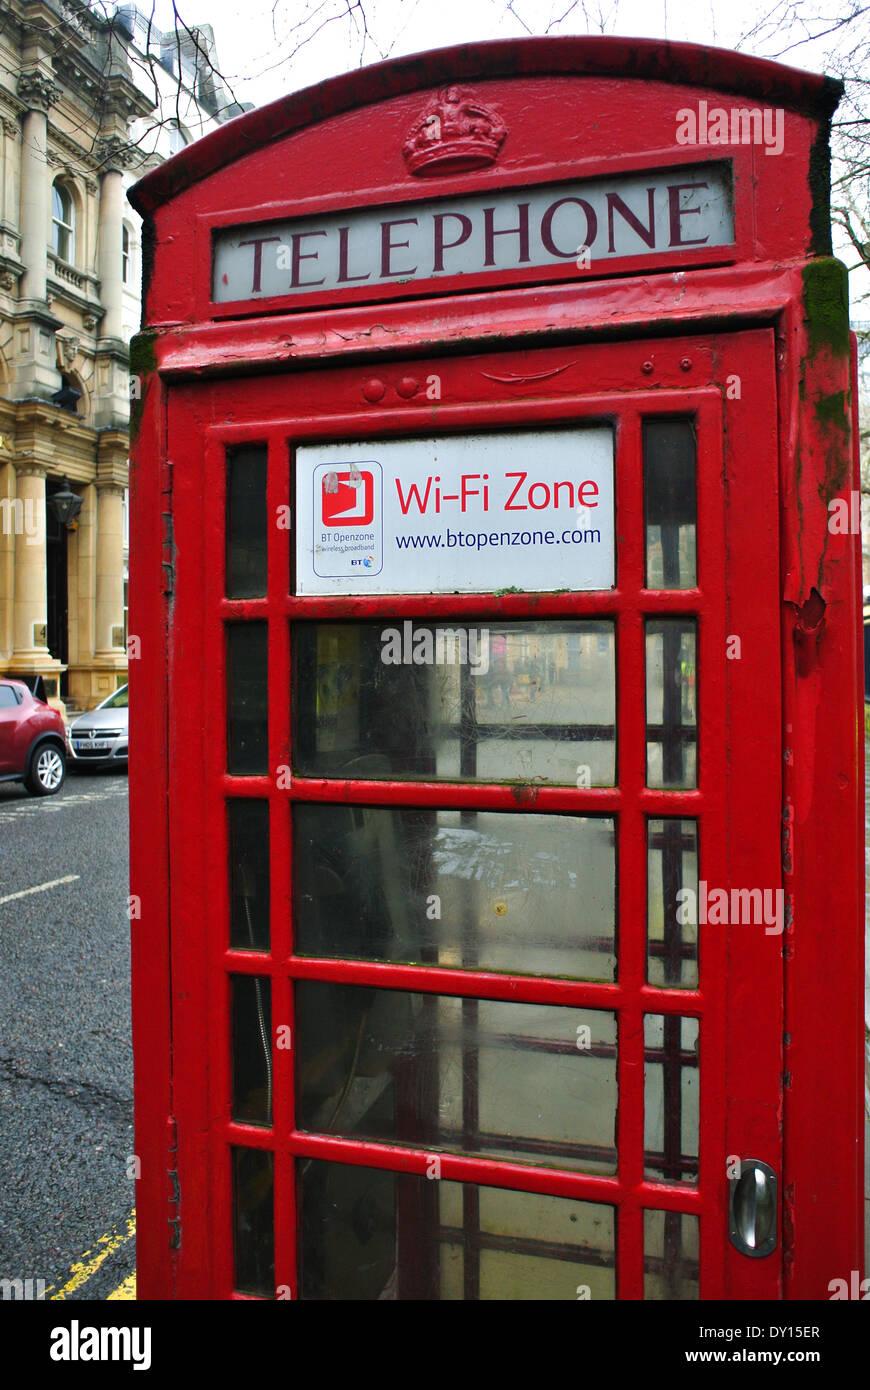 Cuadro teléfono wi-fi zona www.btopenzone.com Imagen De Stock